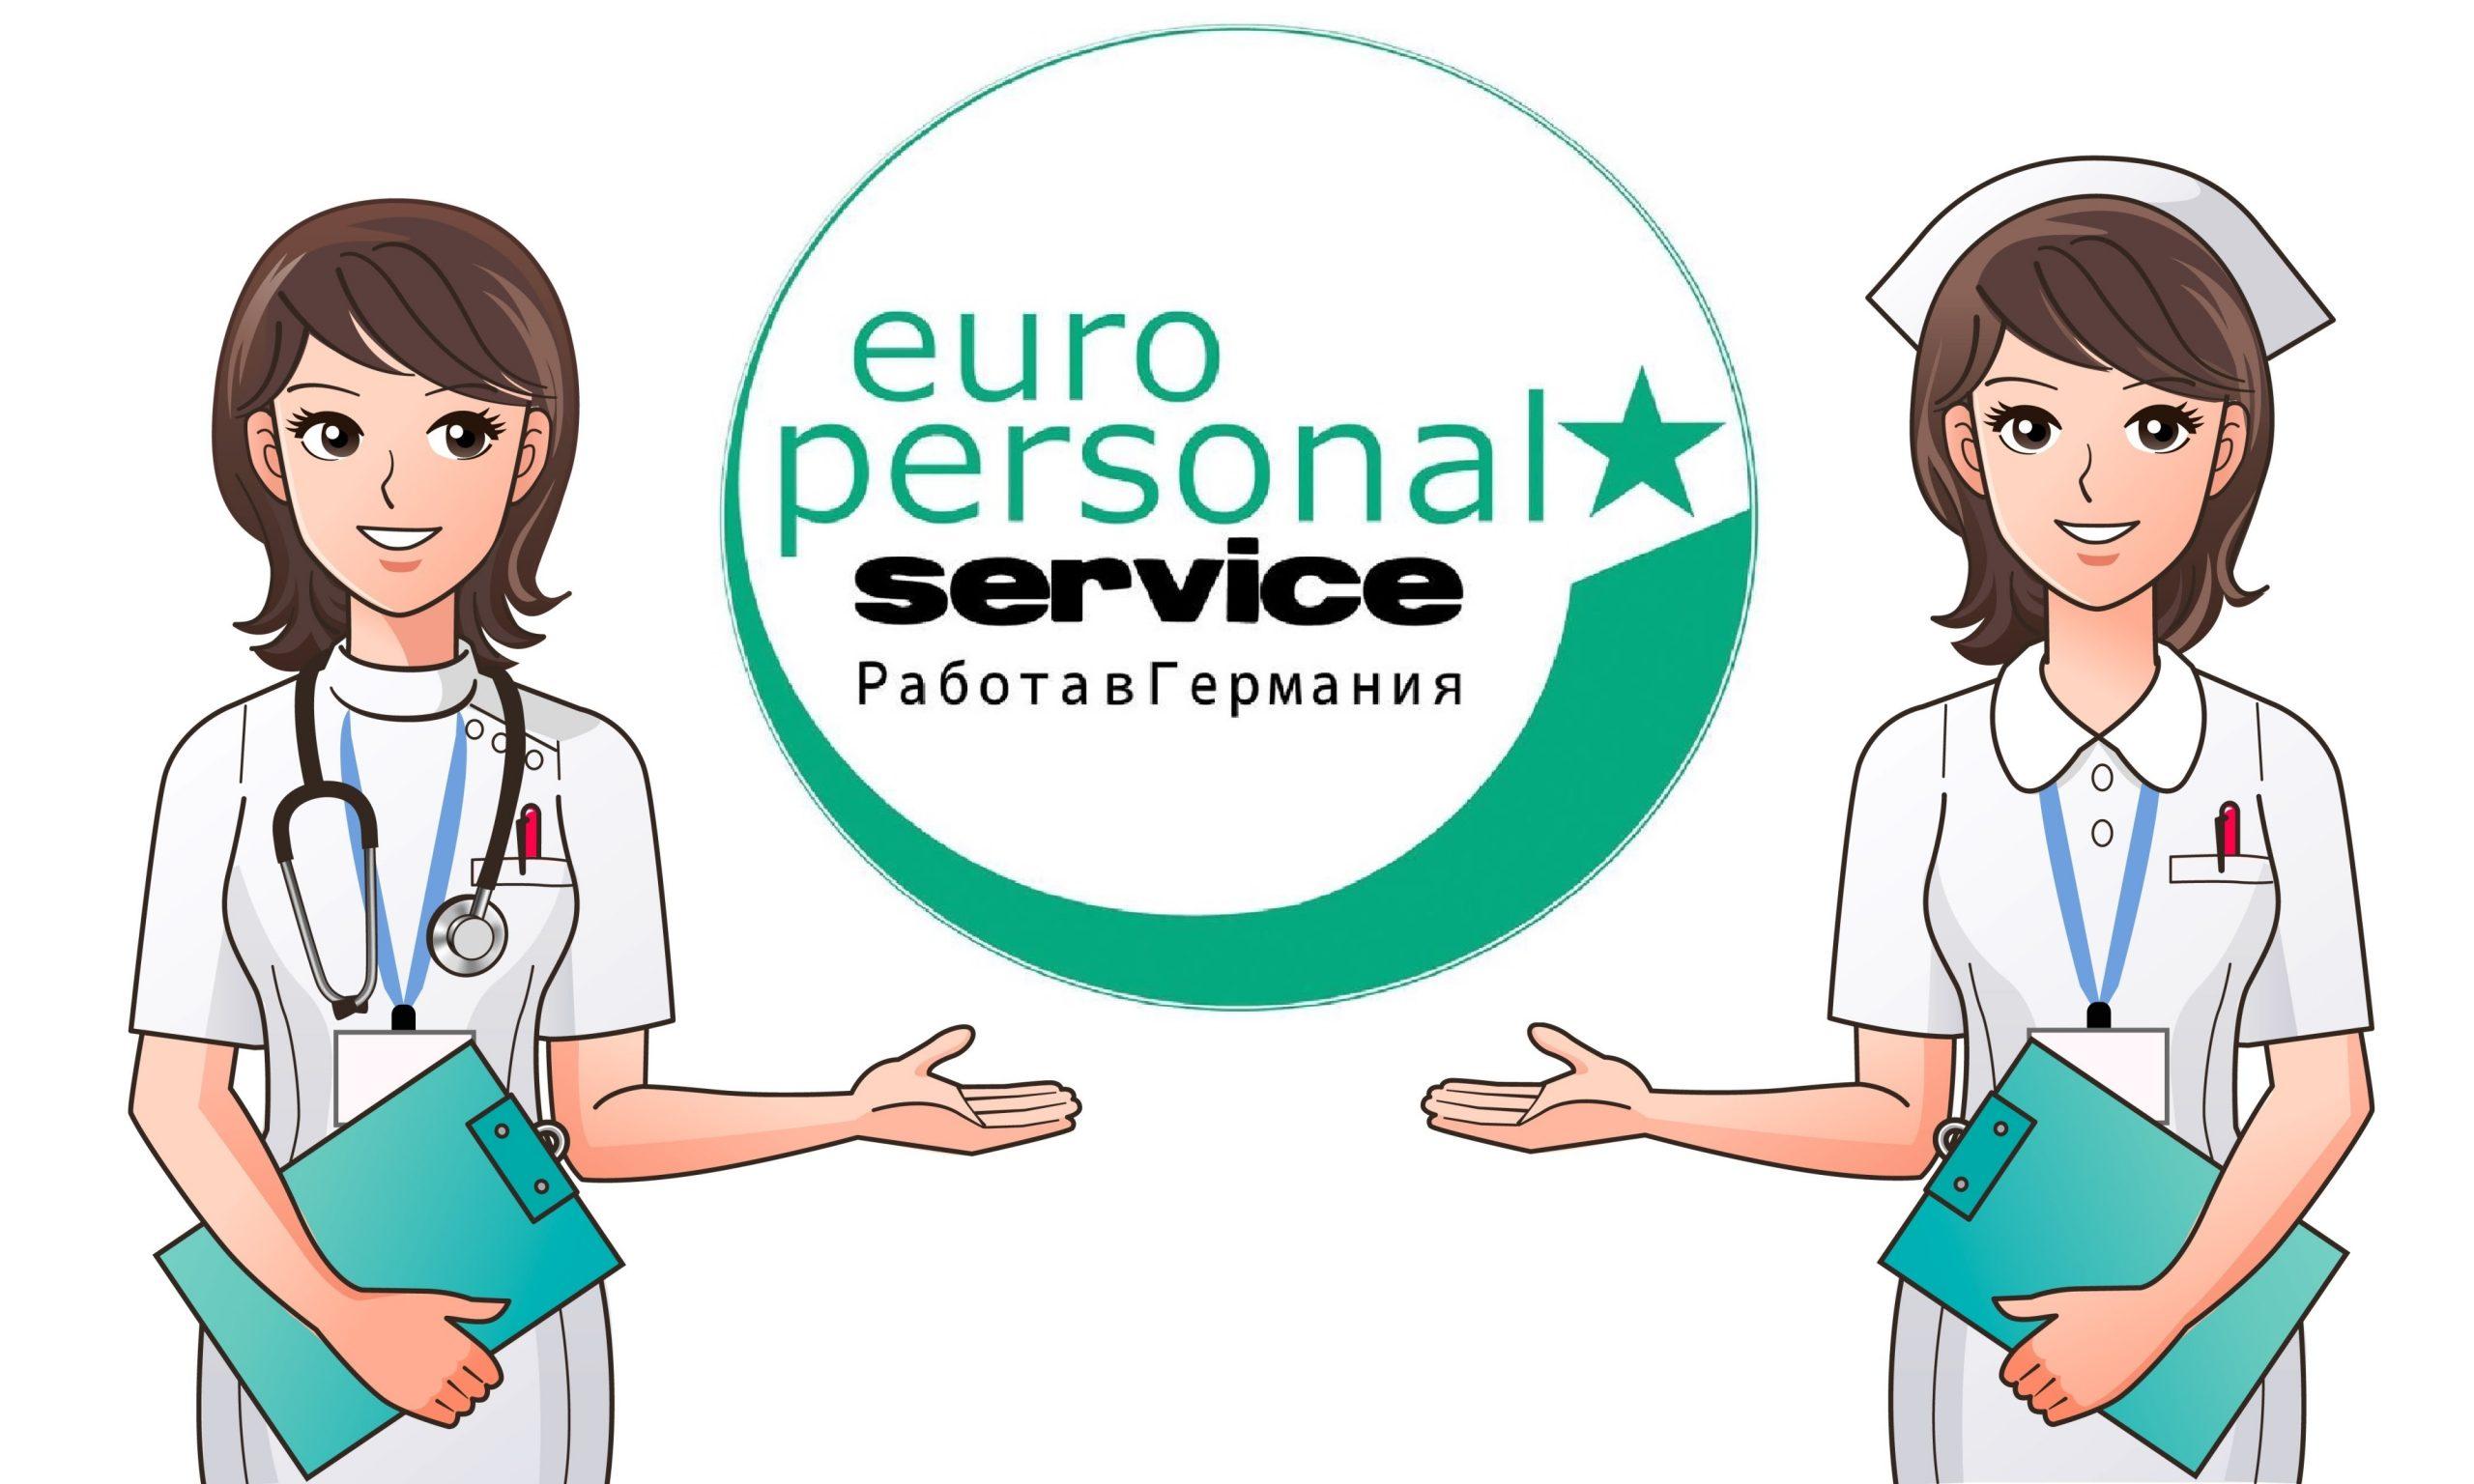 Работа за Медицински сестри за Германия - Обява за работа от Euro Personal Service